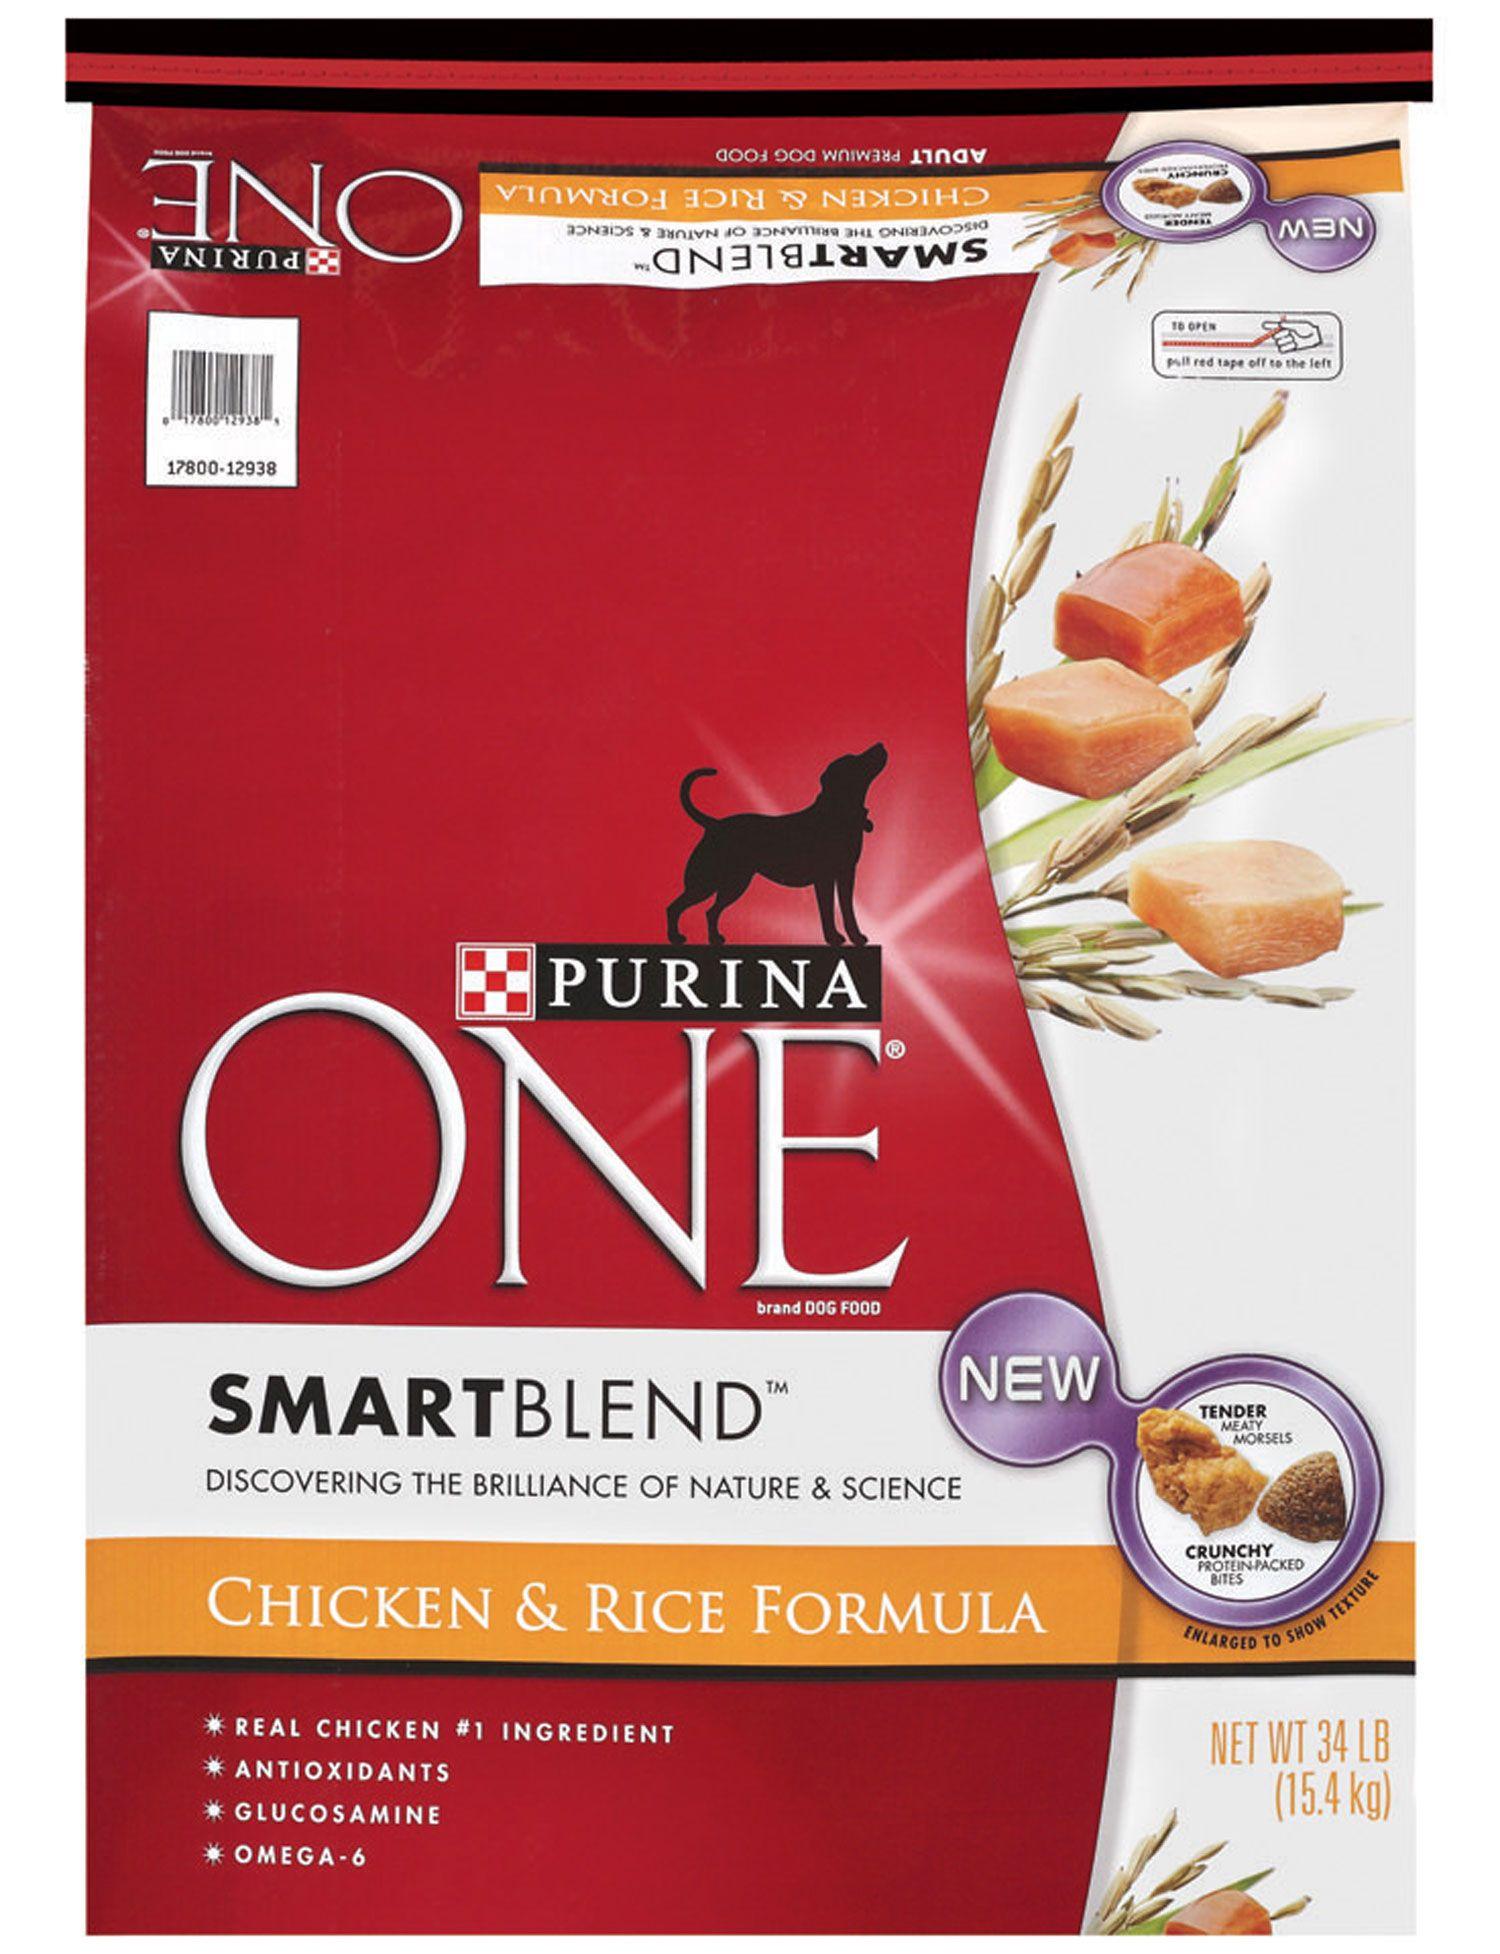 $1.50 Off One Purina One Smartblend Dry Dog Food Printable Coupon - Free Printable Coupons For Purina One Dog Food